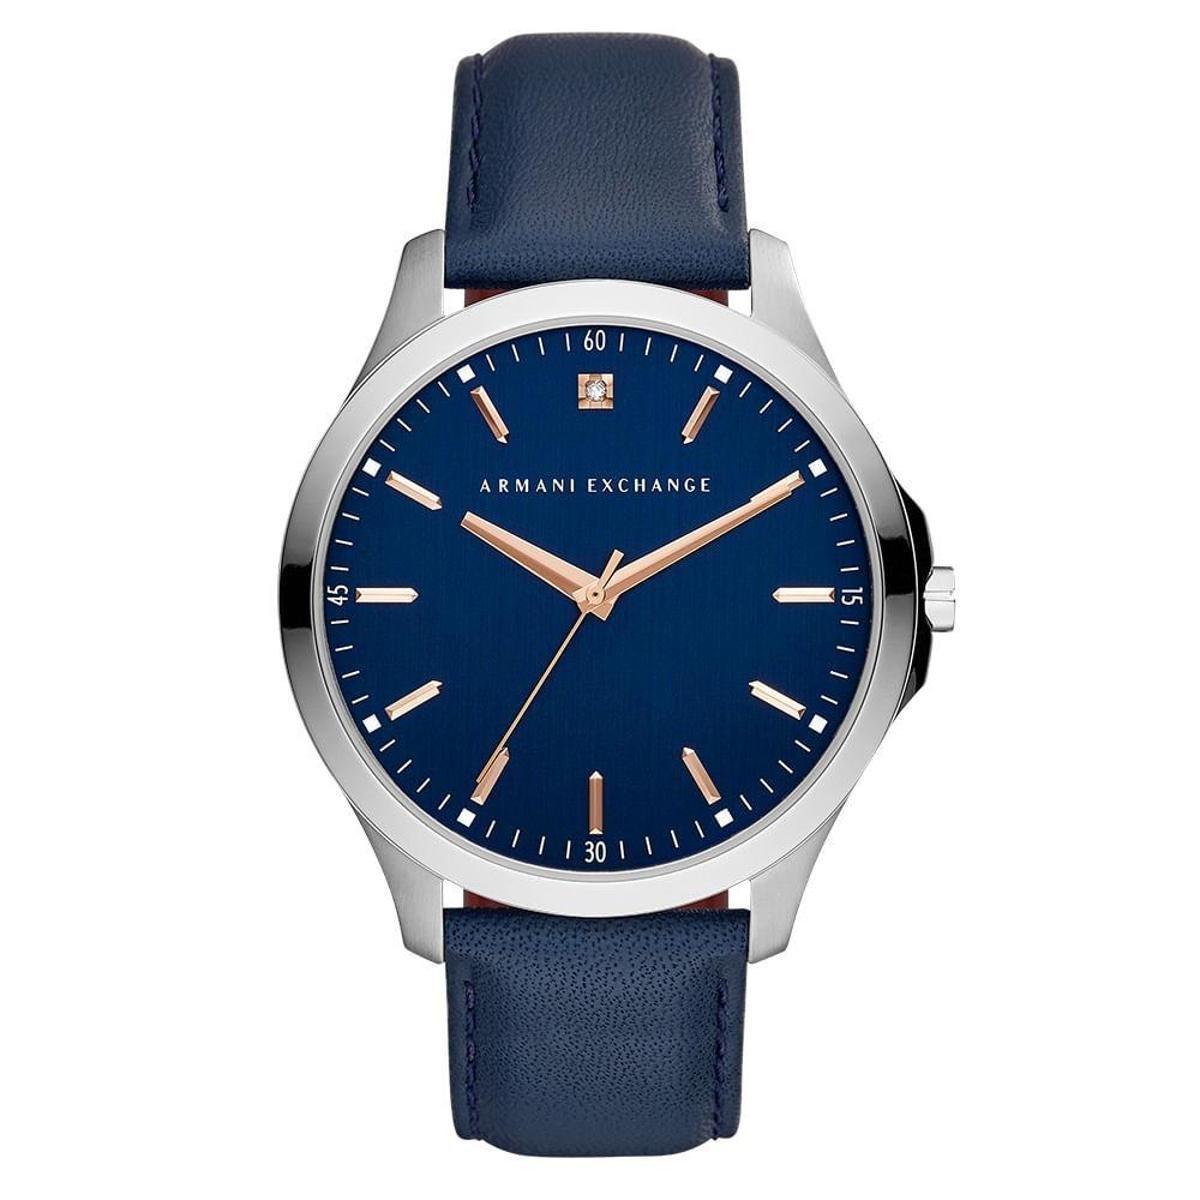 ef09919aee3 Relógio Armani Exchange Masculino Hampton - AX2406 0AN AX2406 0AN - Azul - Compre  Agora